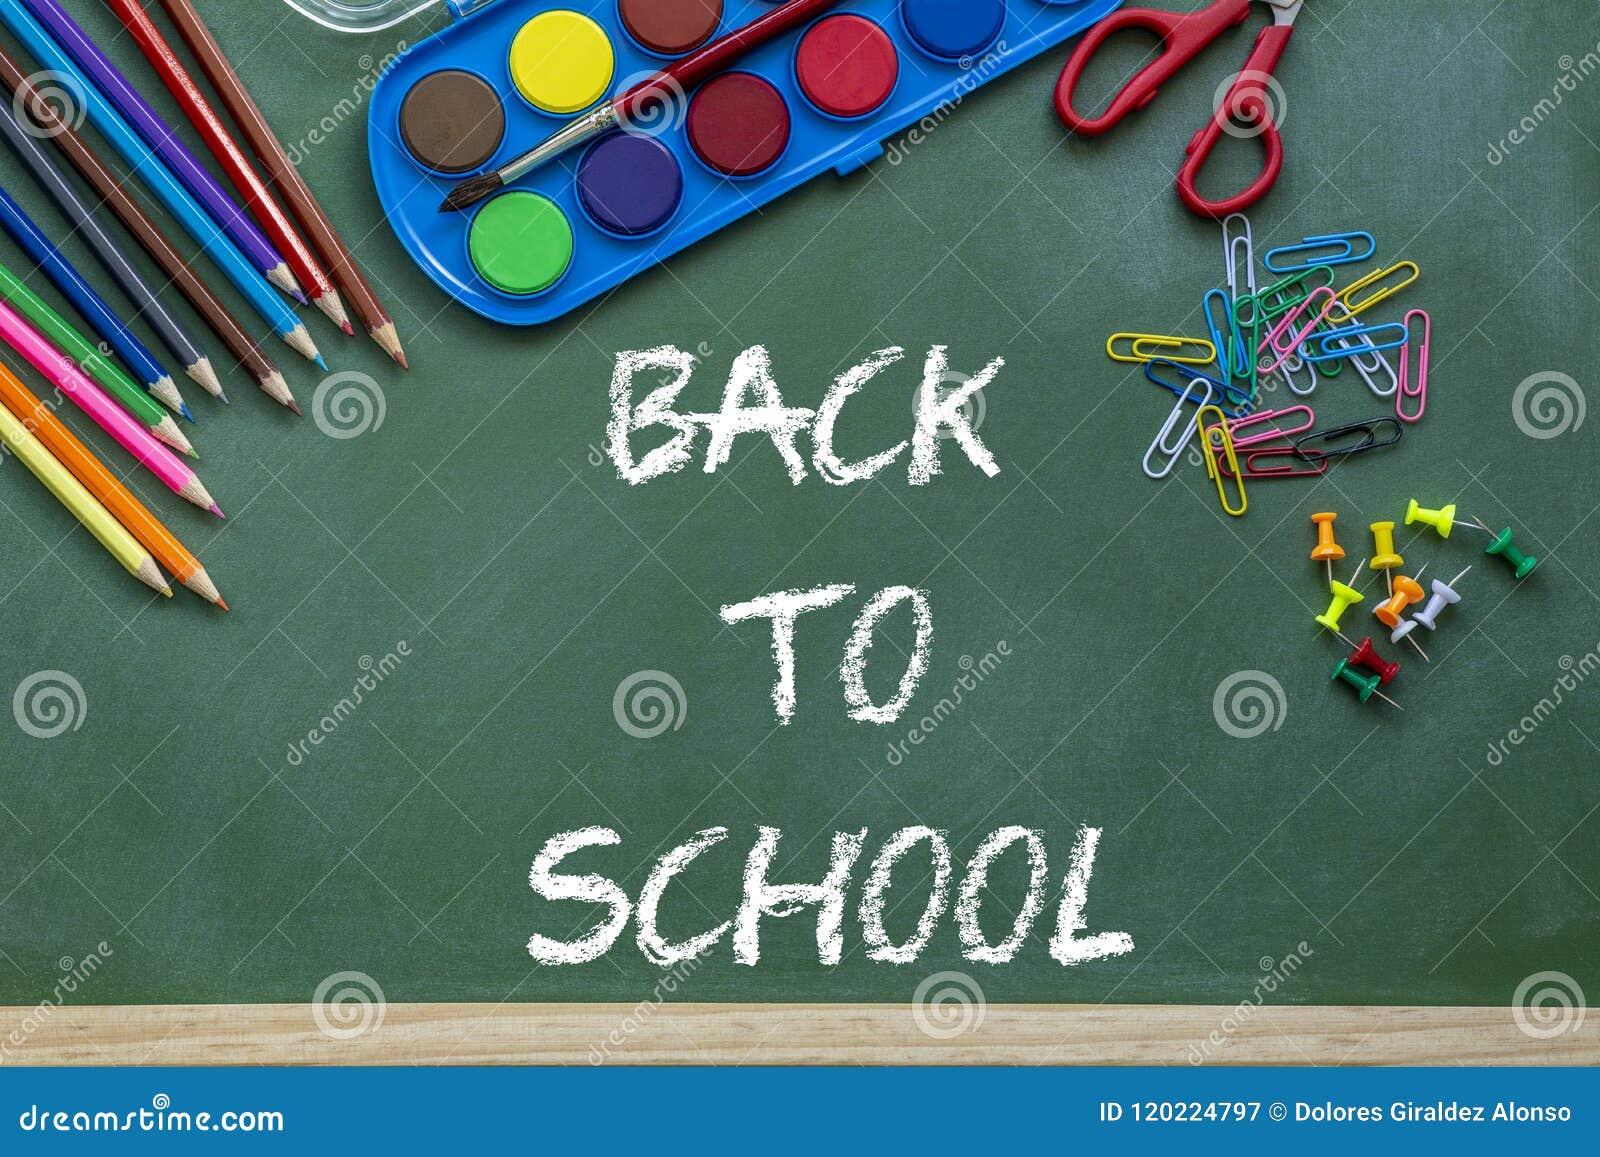 Back to school lettering over chalkboard black background